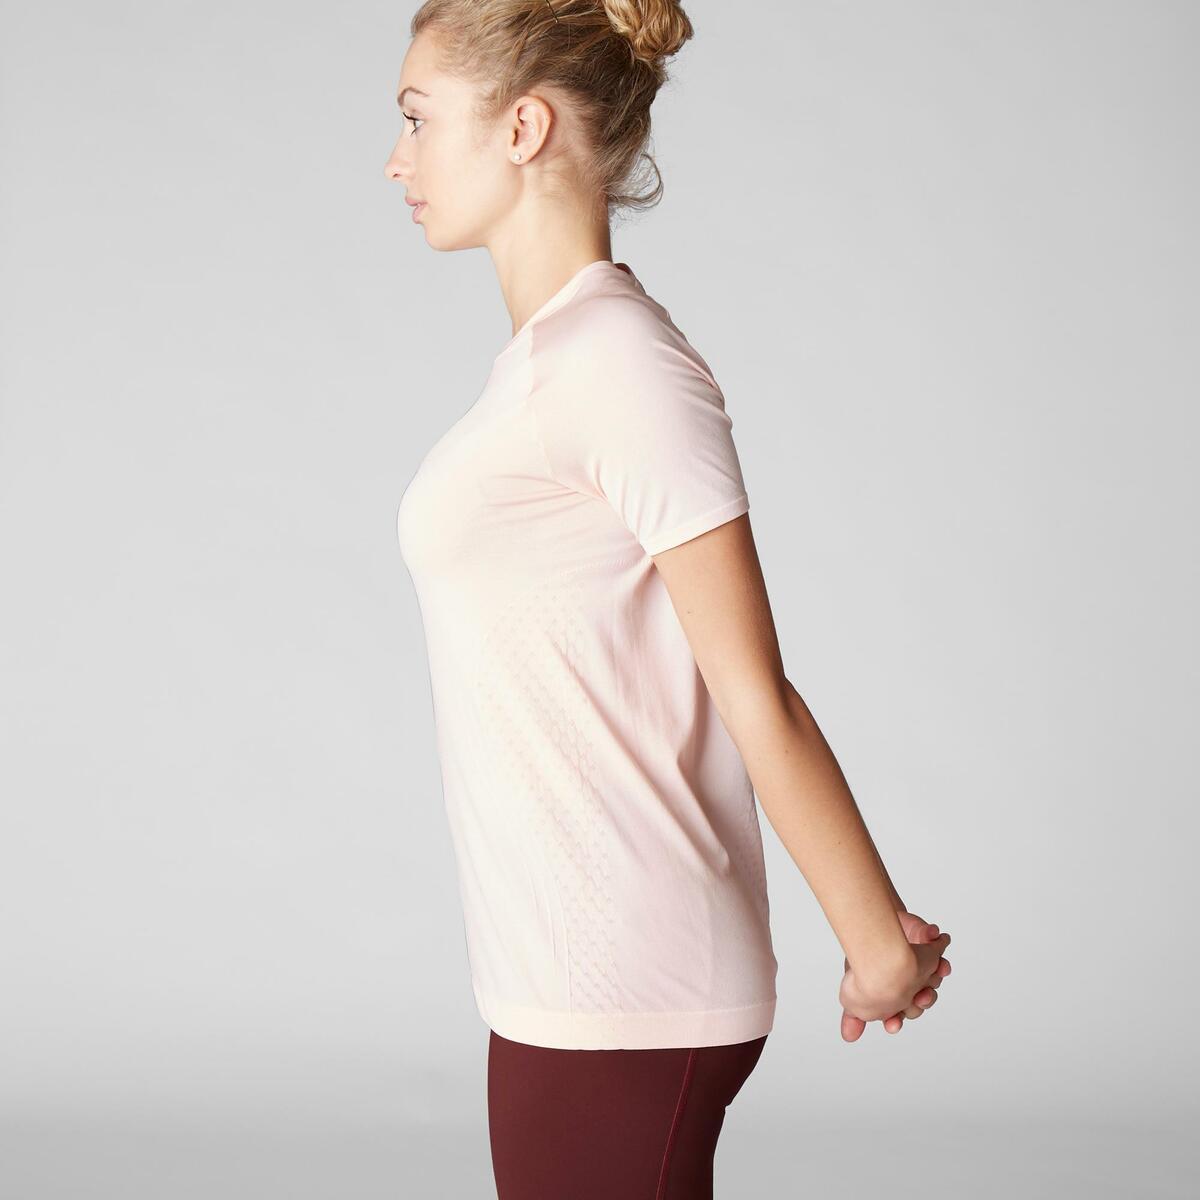 Bild 5 von T-Shirt dynamisches Yoga nahtlos Damen rosa